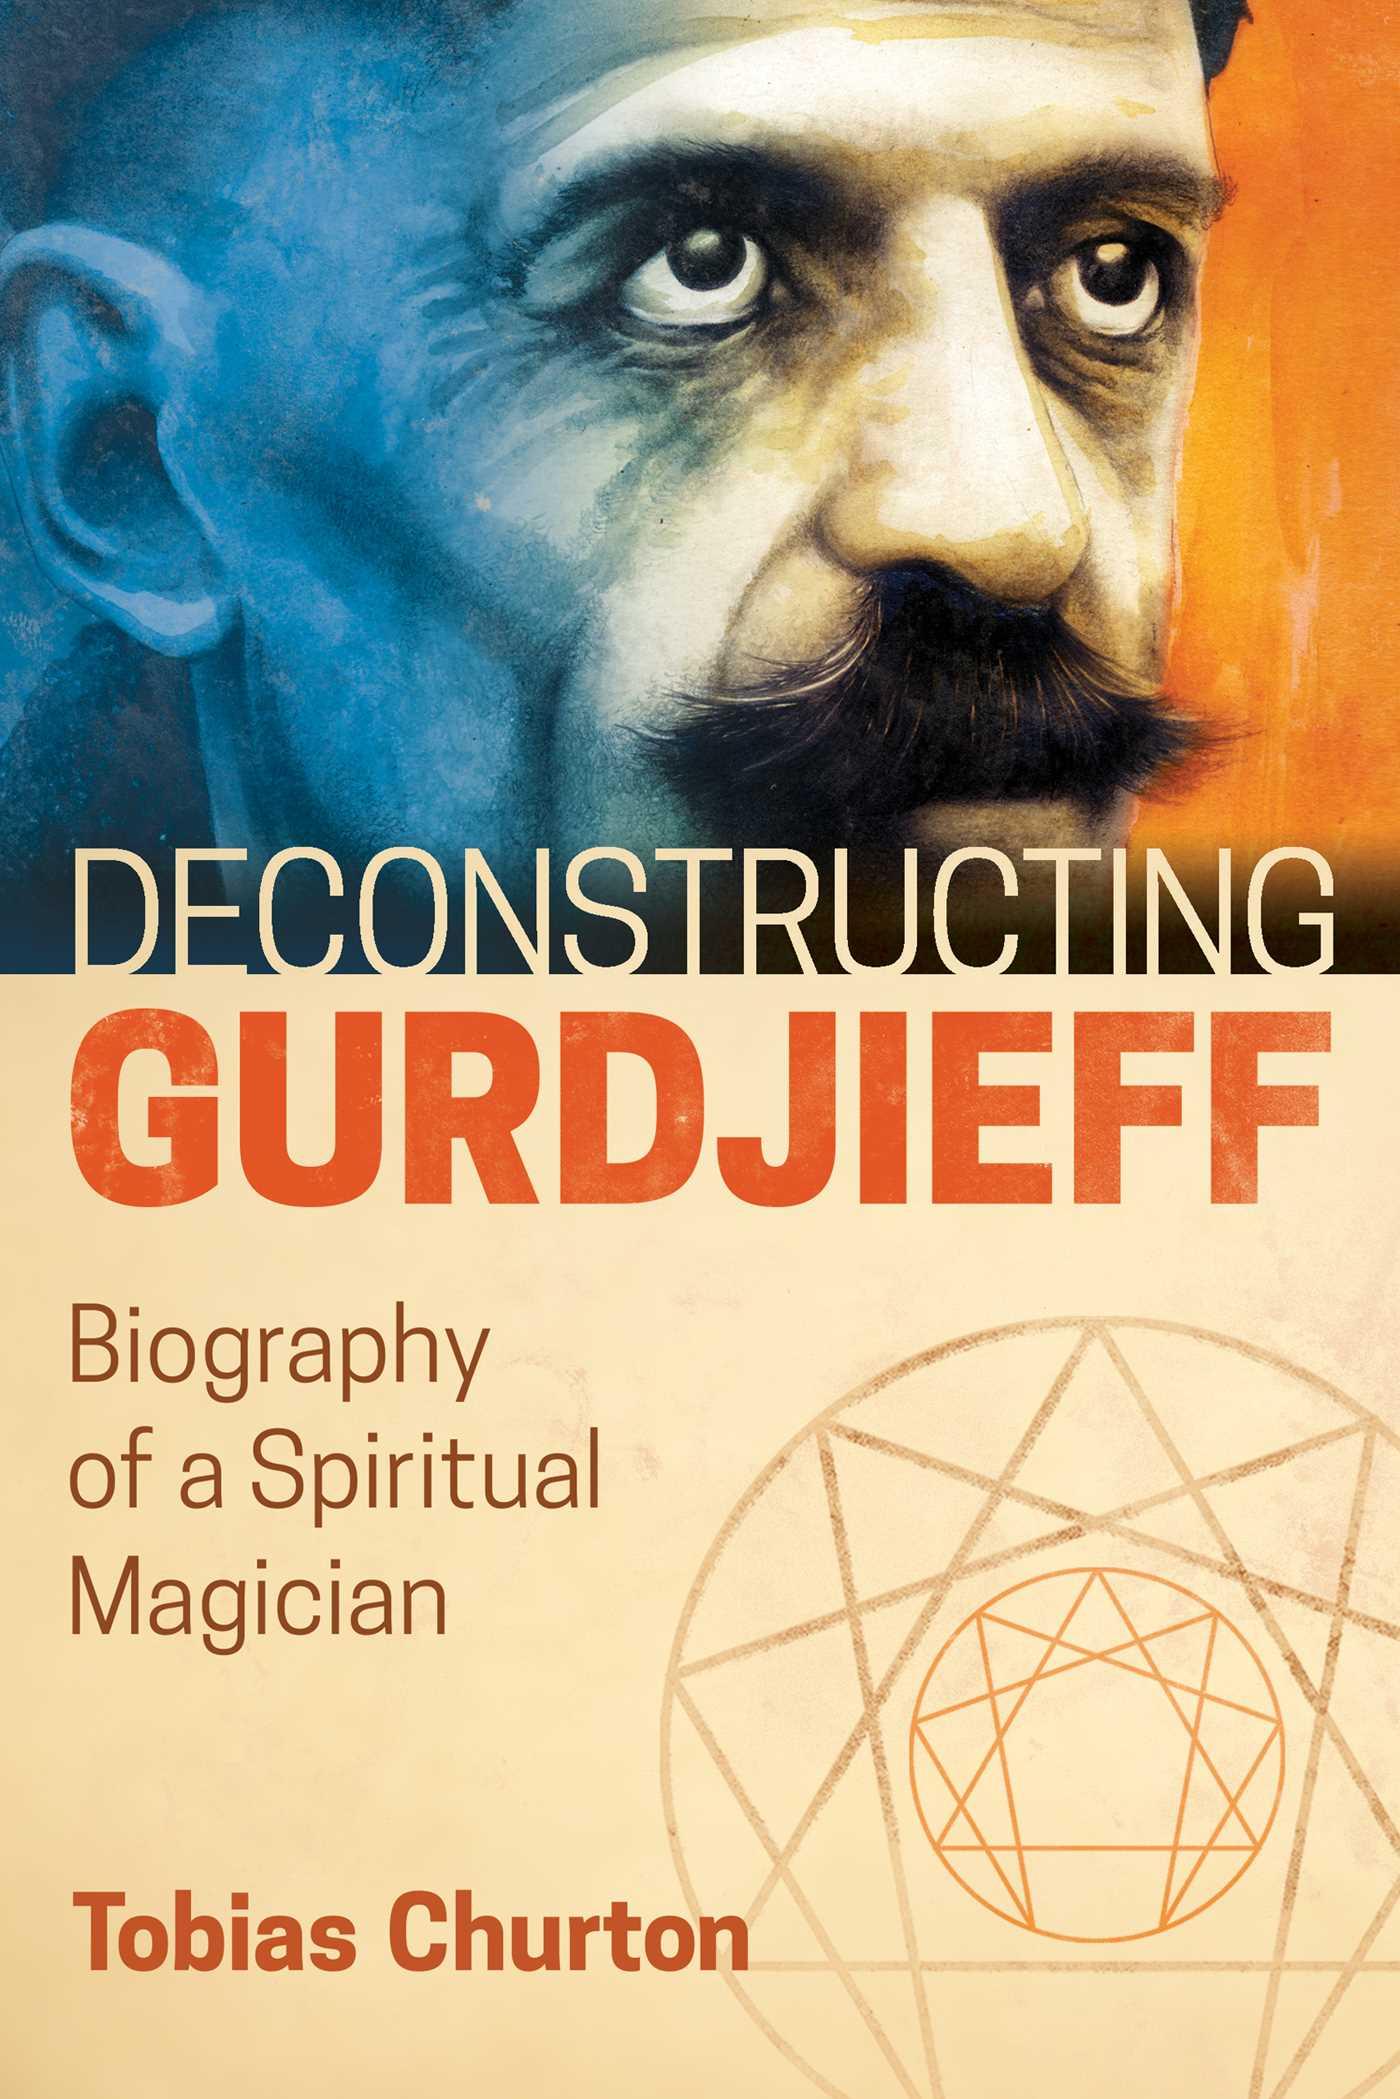 Deconstructing gurdjieff 9781620556399 hr